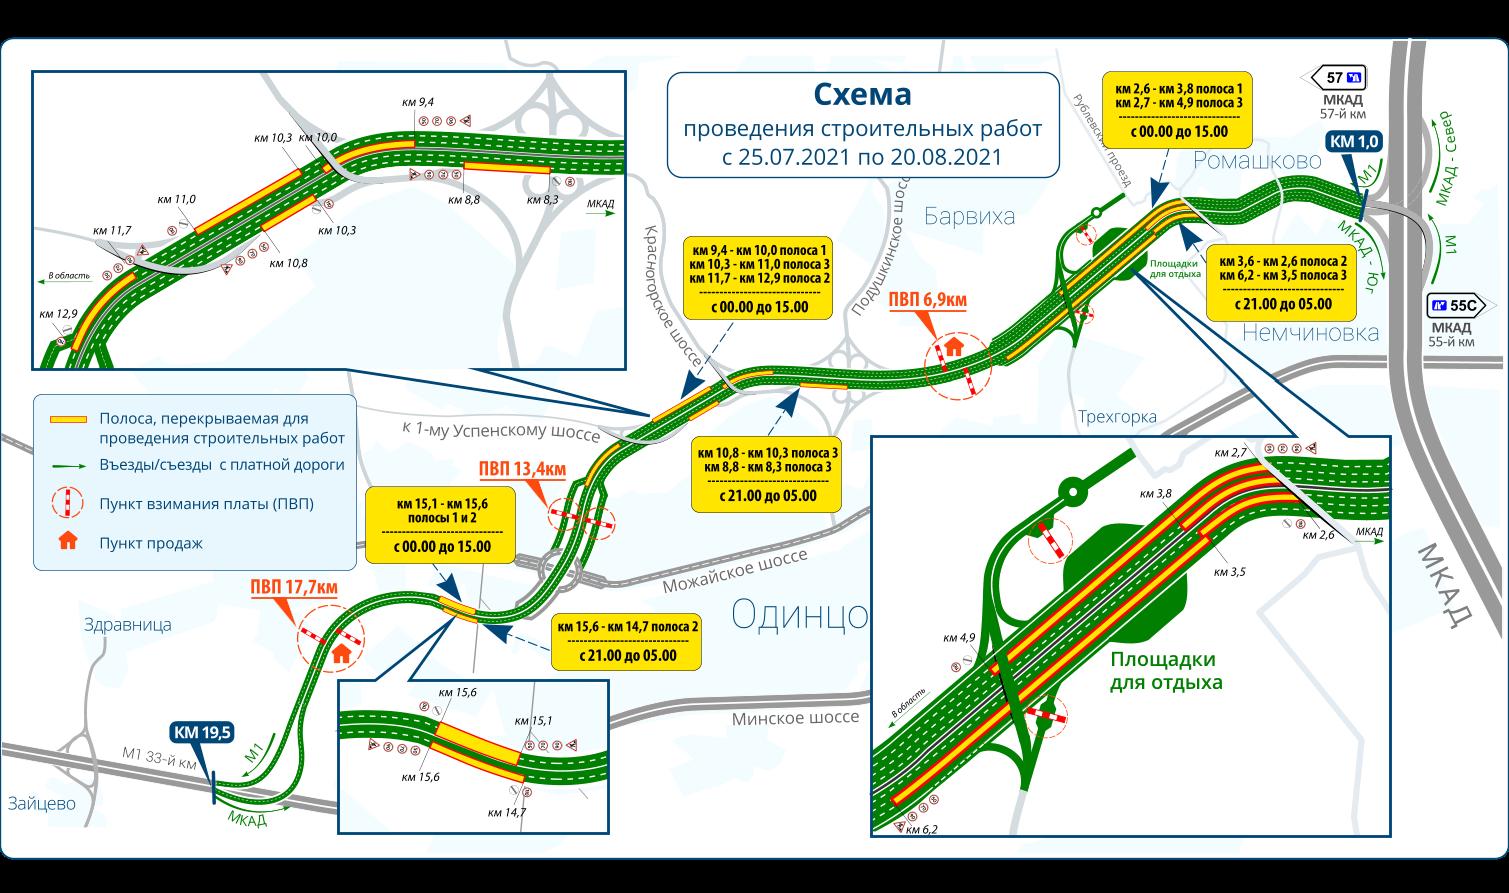 Участки ремонта автодороги Северный обход Одинцово